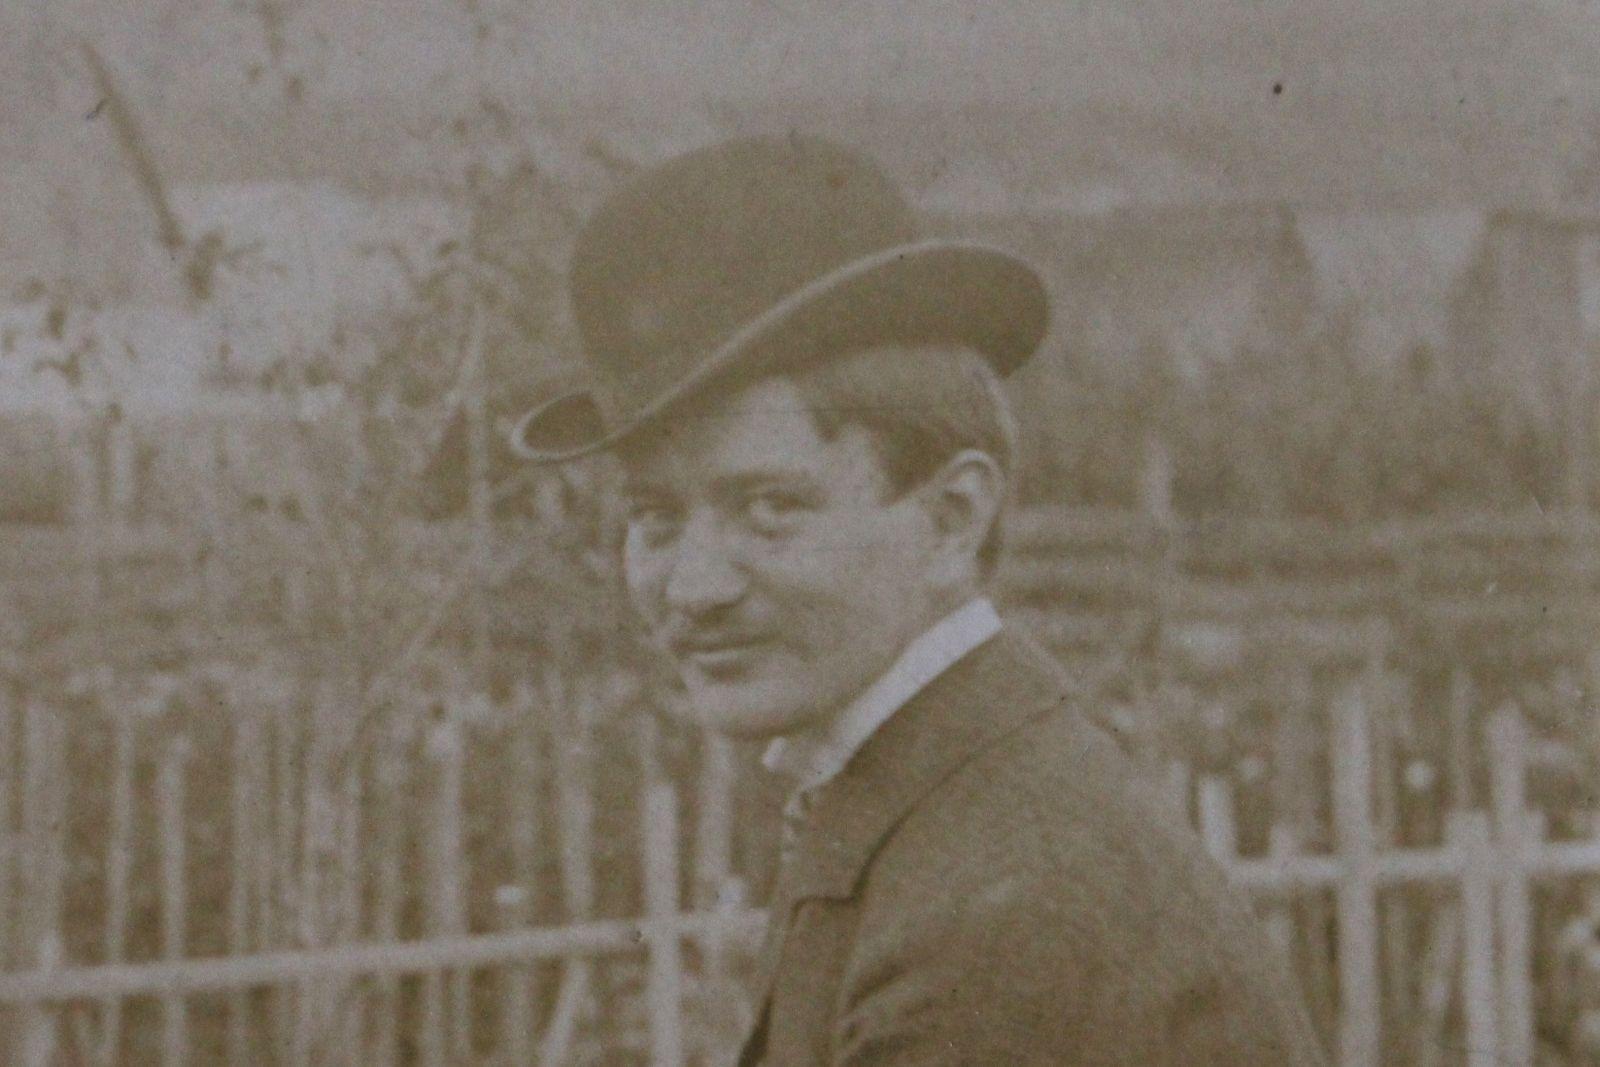 Paál Árpád 1925-ben Székelyudvarhelyen | Forrás: Paál Árpád Kézirathagyatéka, Haáz Rezső Múzeum, Székelyudvarhely